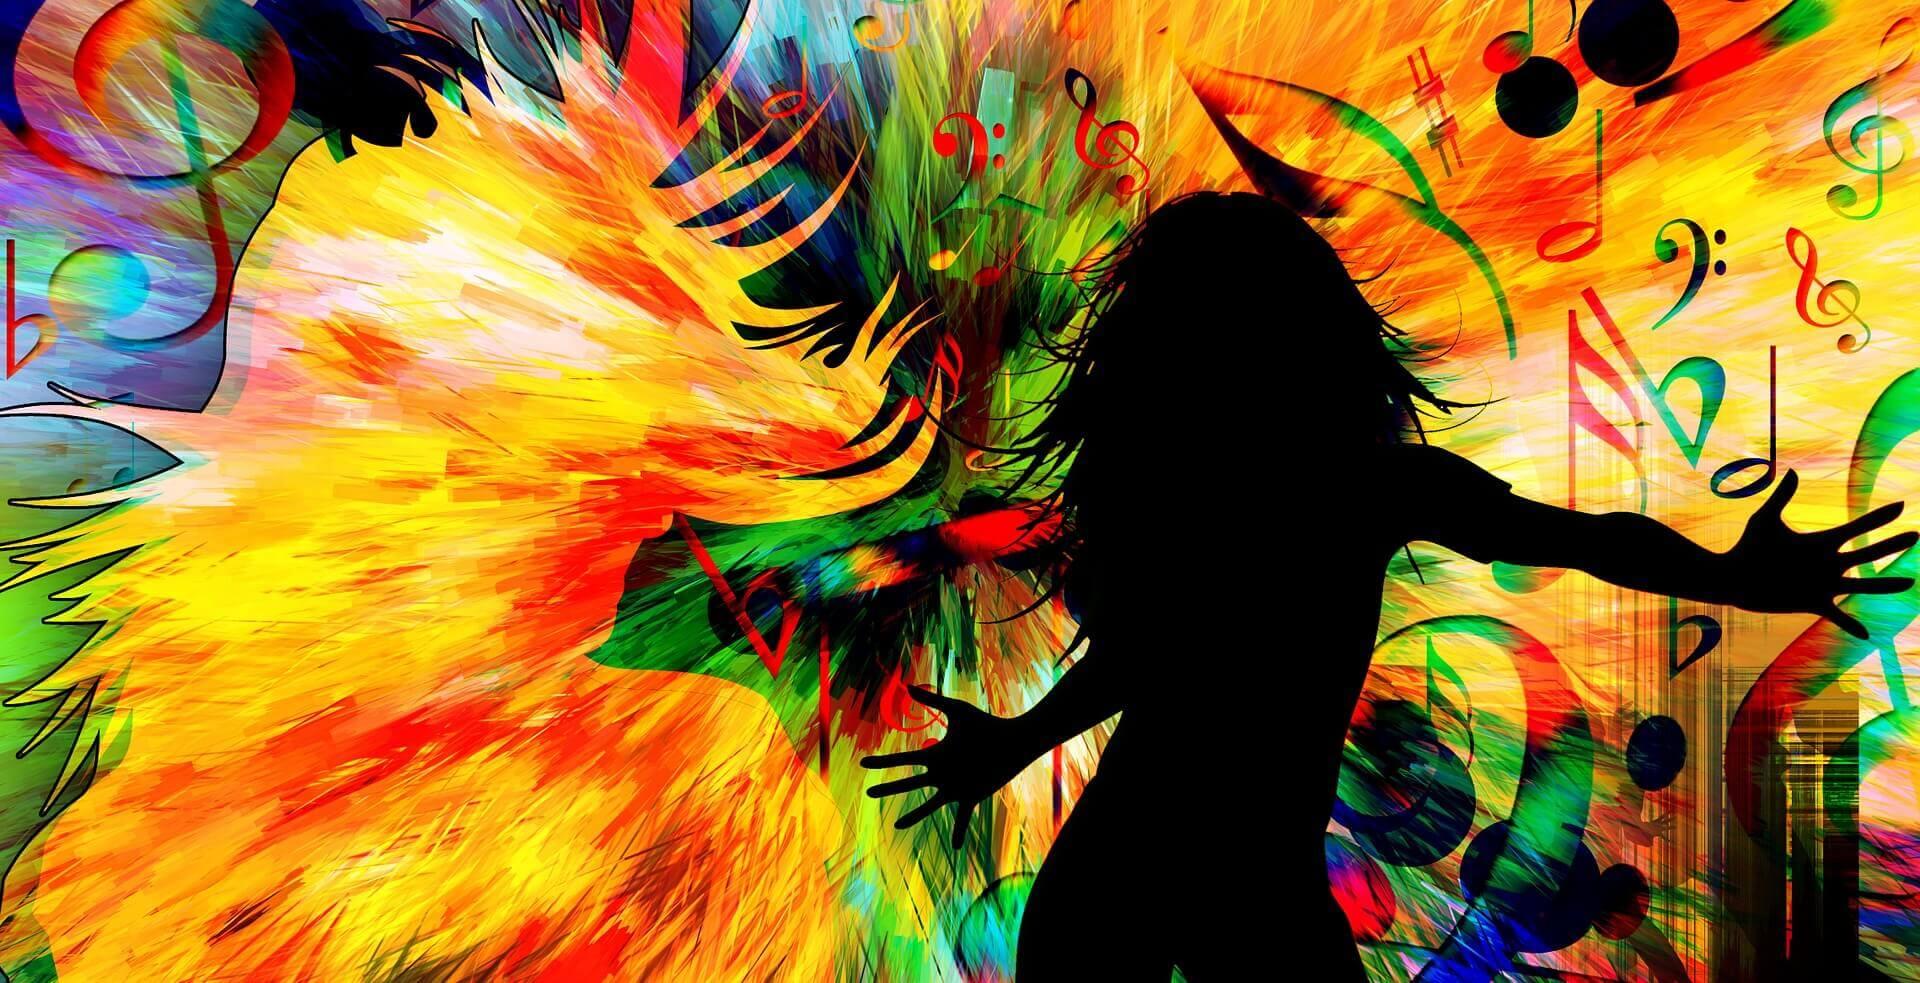 ダンスを楽しむ女性のイラスト